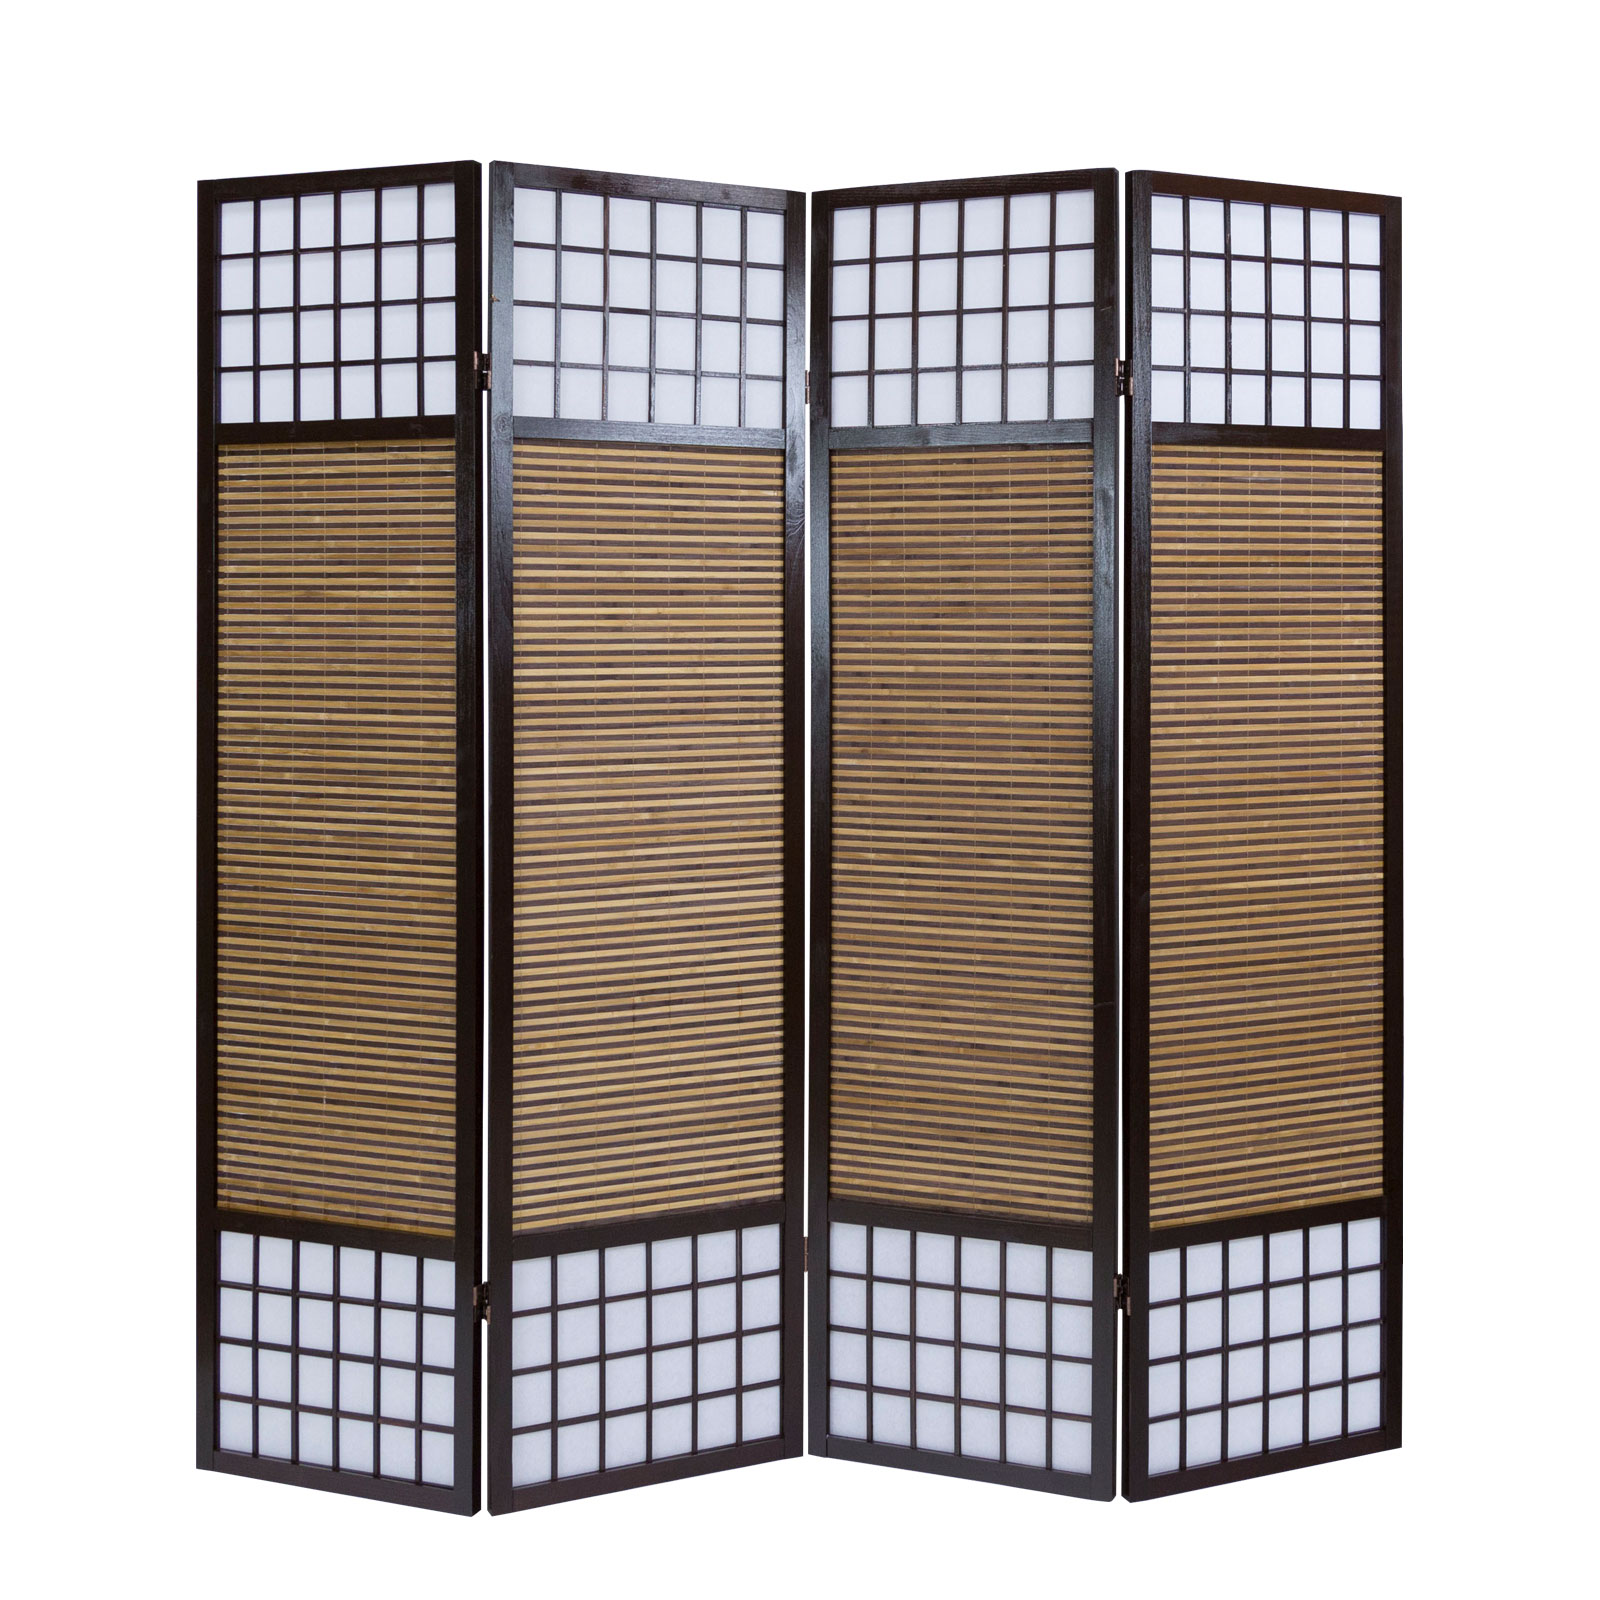 Full Size of Paravent Bambus Balkon Raumteiler 4fach Trennwand Spanische Wand Bett Garten Wohnzimmer Paravent Bambus Balkon